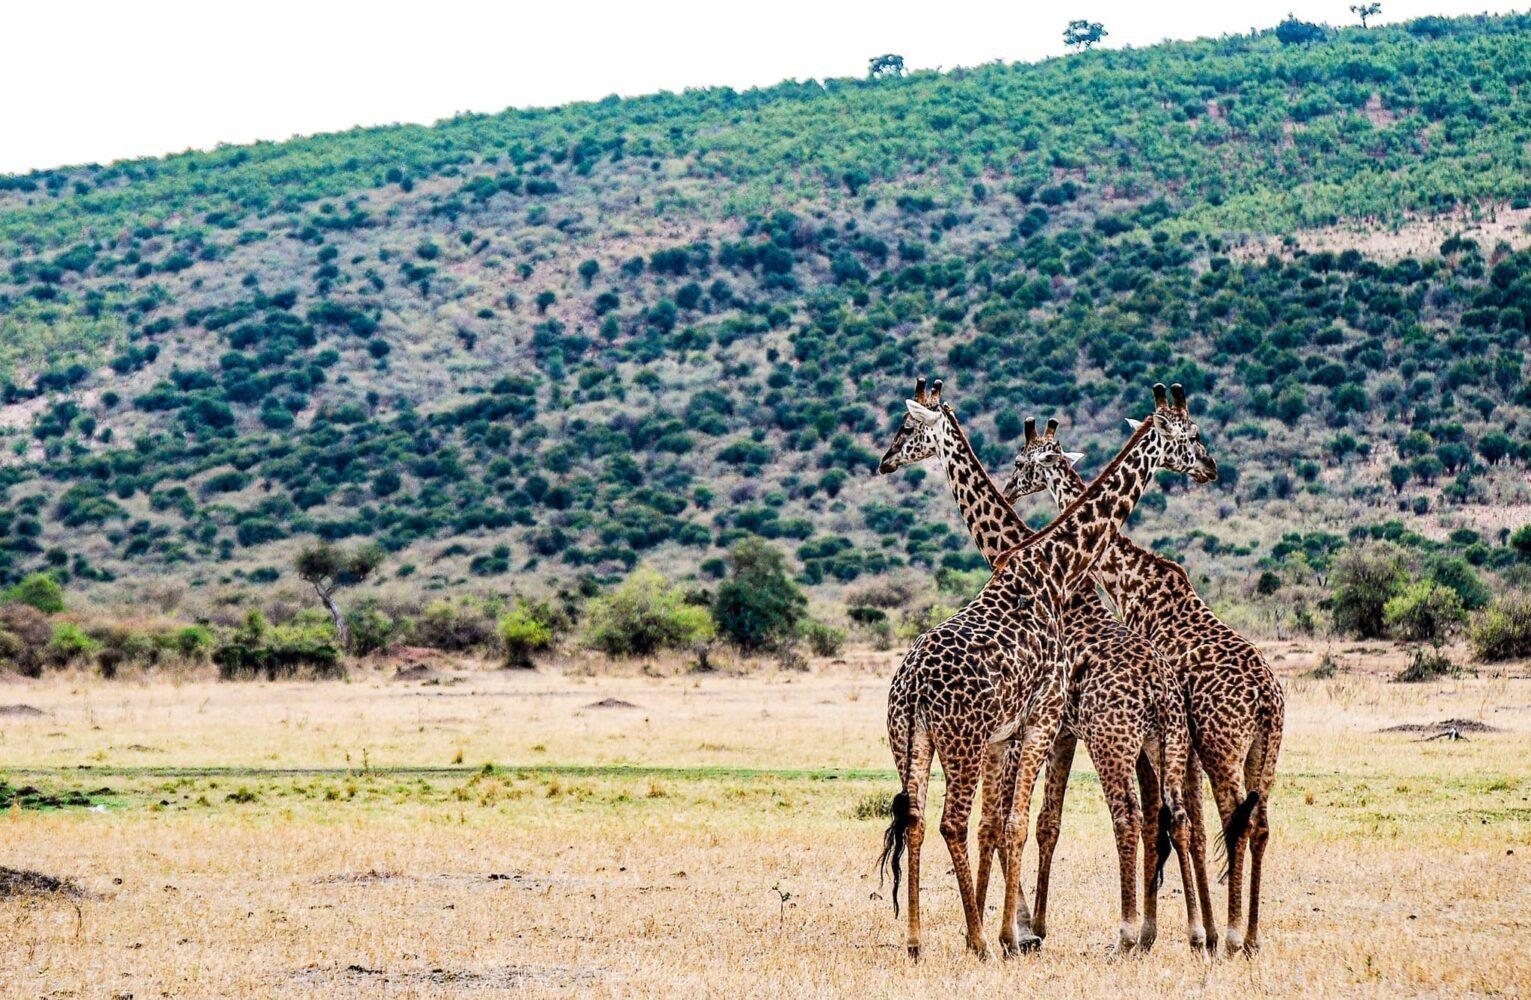 tre giraffer kurar ihop sig på den afrikanska savannen. Tips inför din resa till Kenya – glöm inte att ta med kameran!